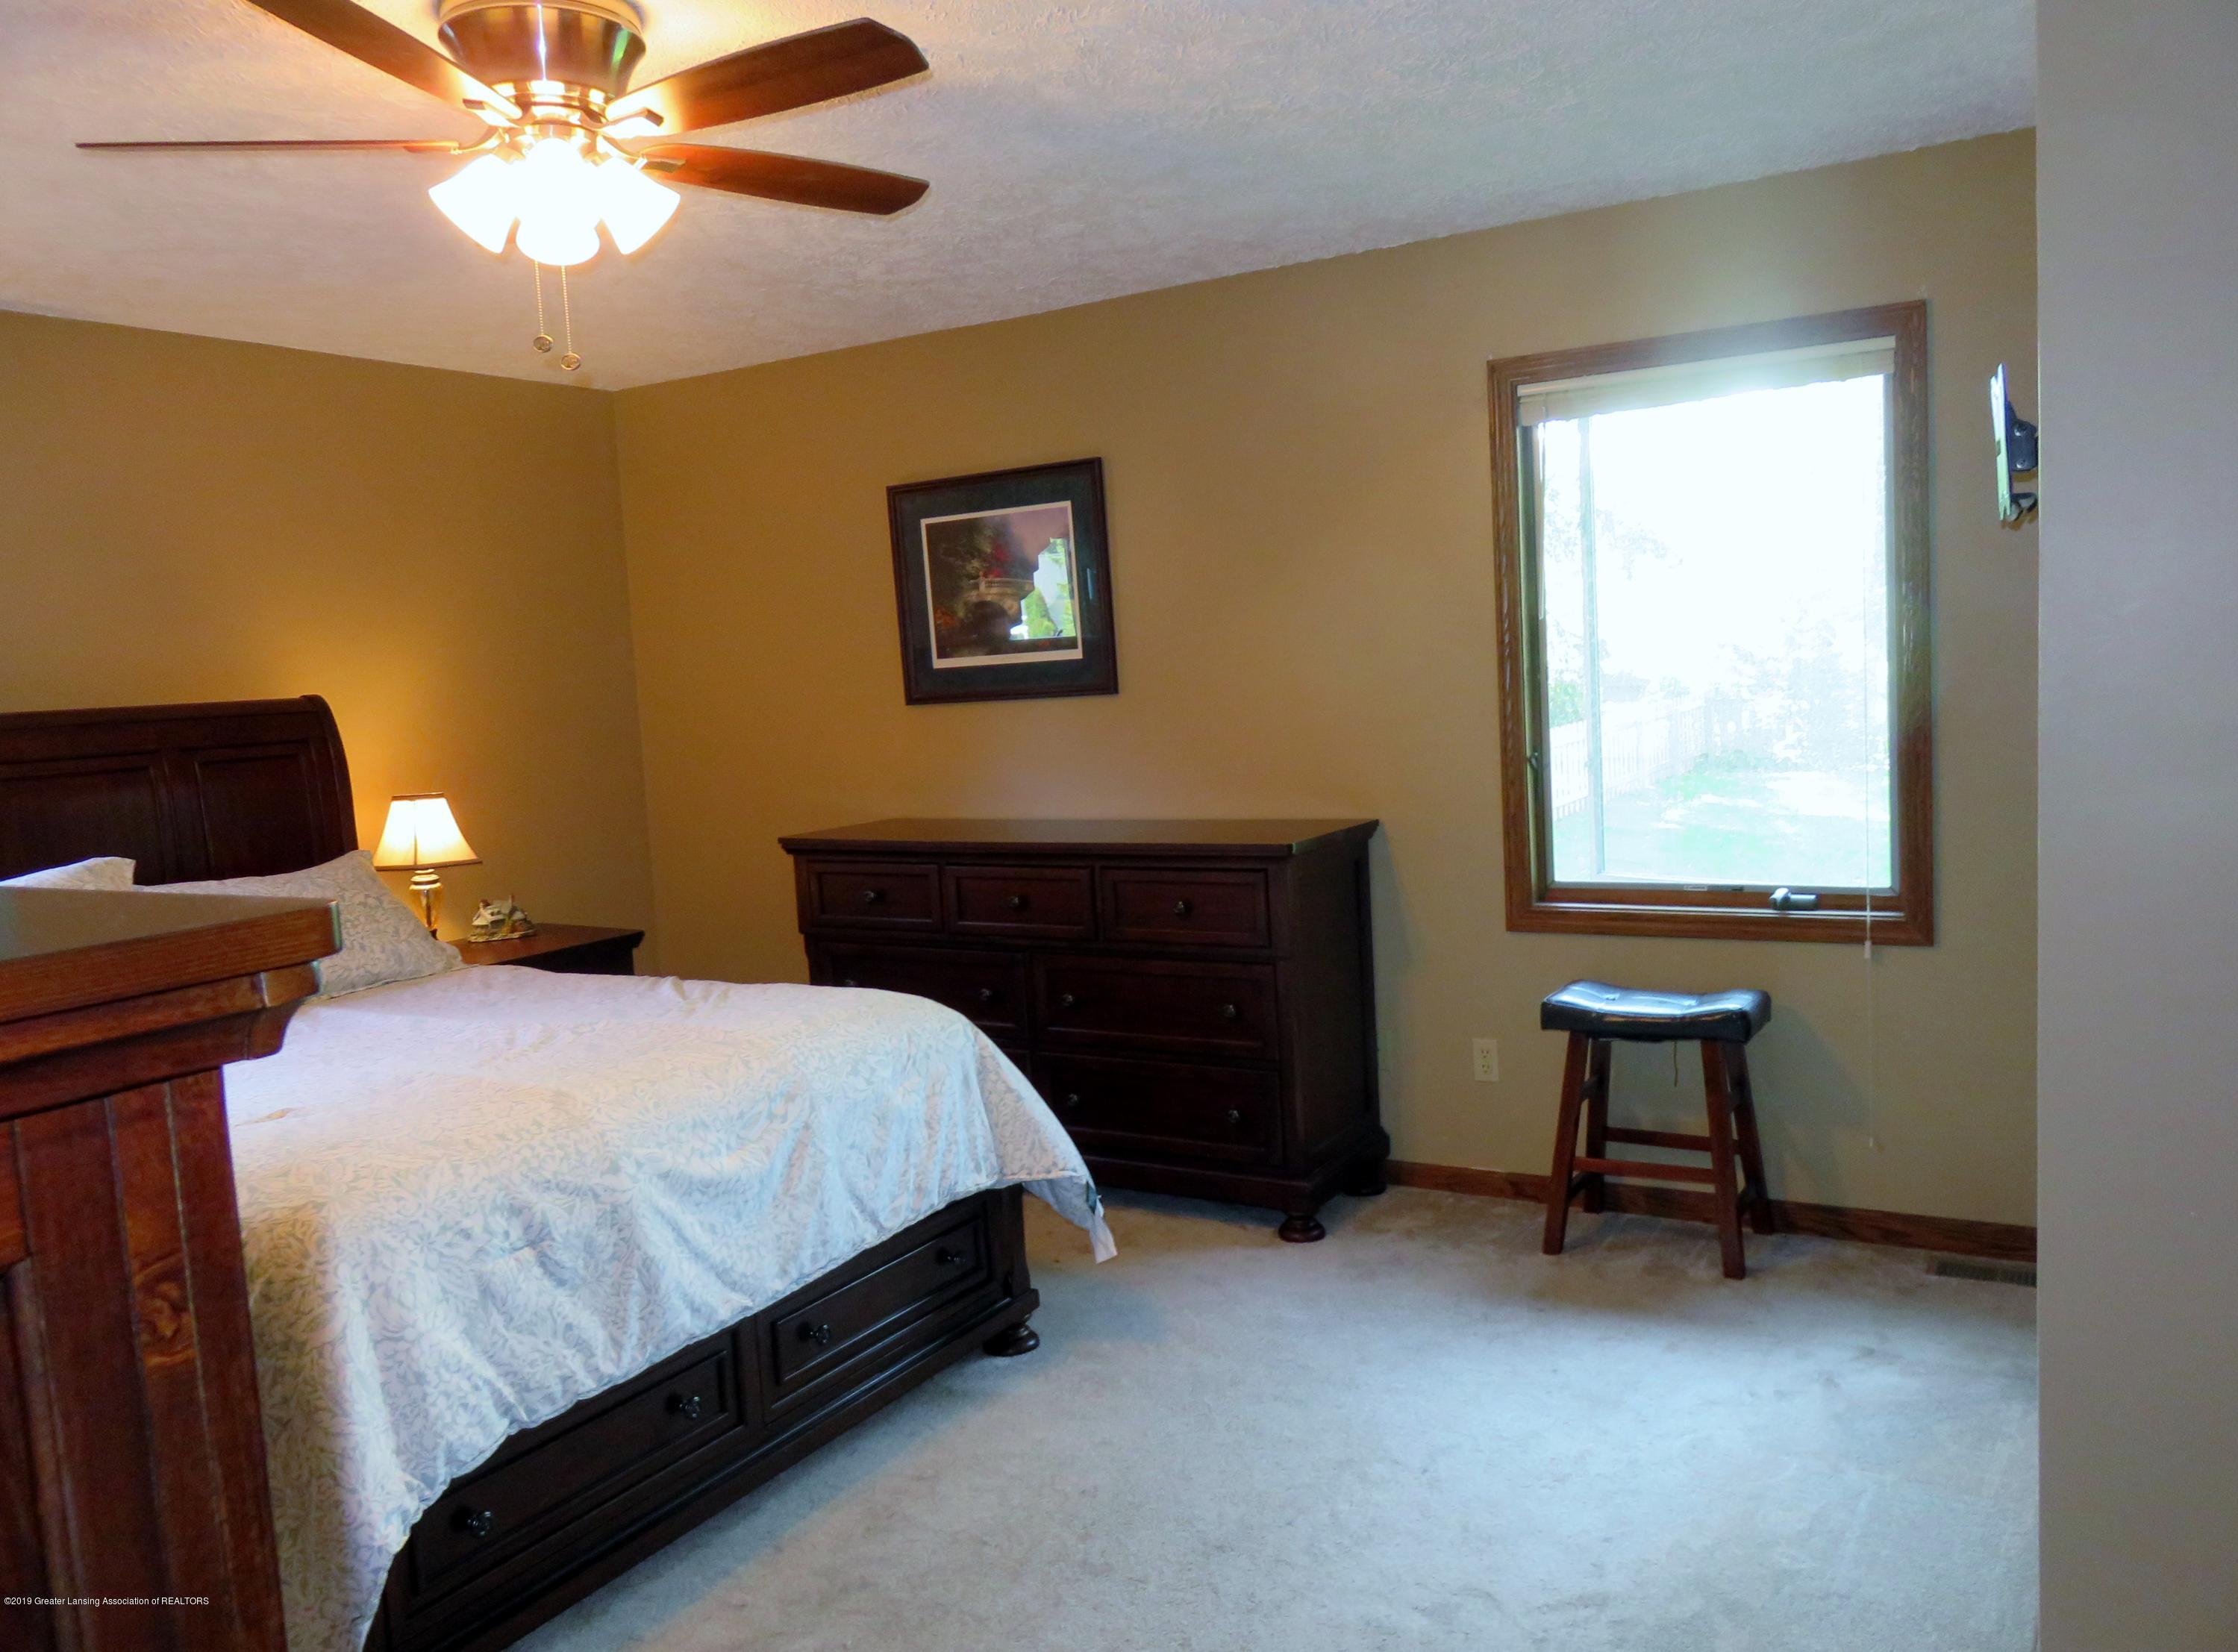 13240 Blackwood Dr - Master Bedroom - 17